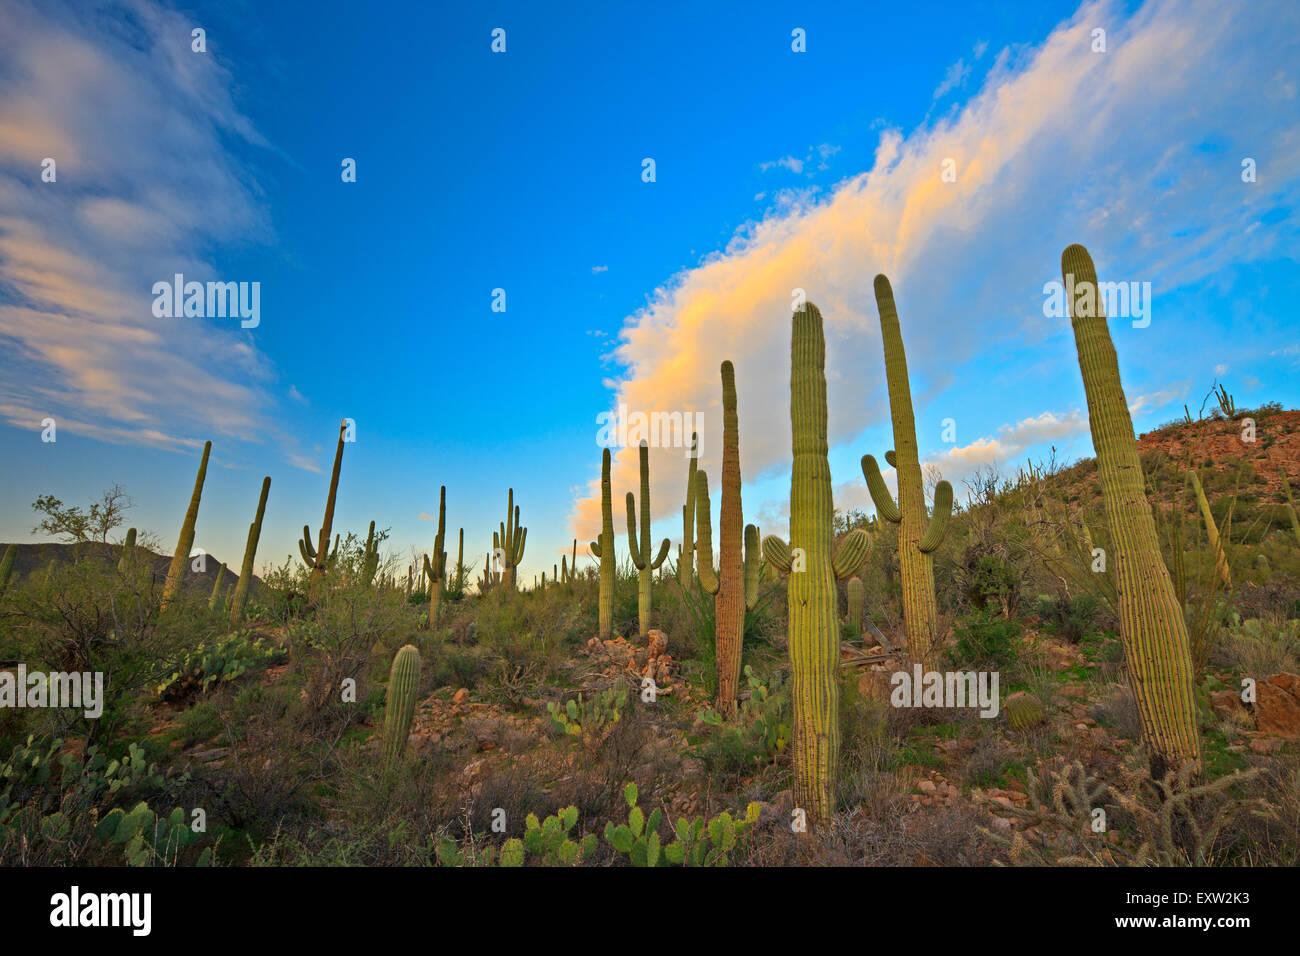 Saguaro cactus, Carnegiea gigantea, Saguaro National Park West, Saguaro National Park, Arizona, USA - Stock Image